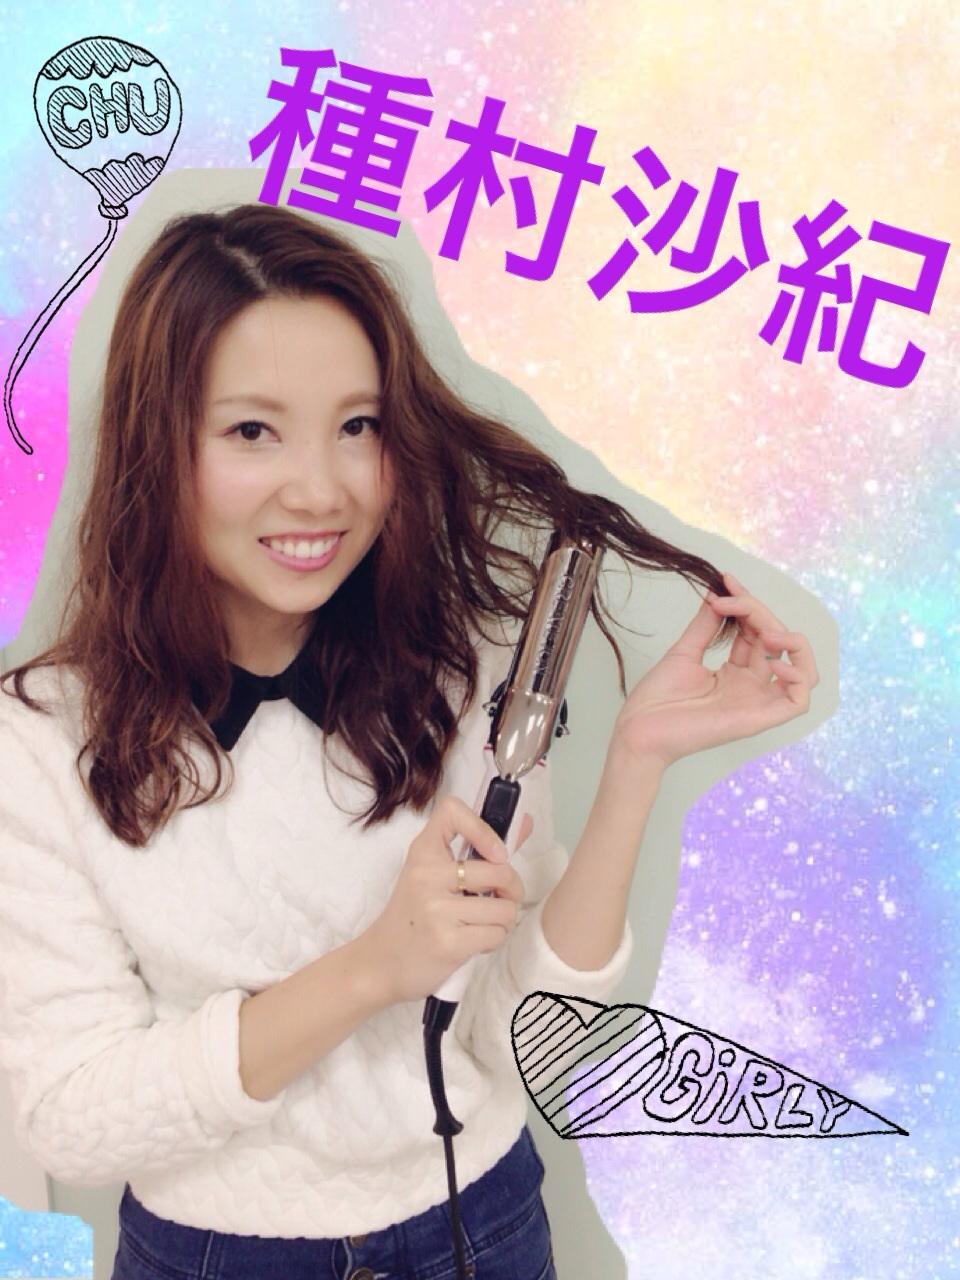 可愛い前髪•ヘアアレンジ おフェロ作ります!